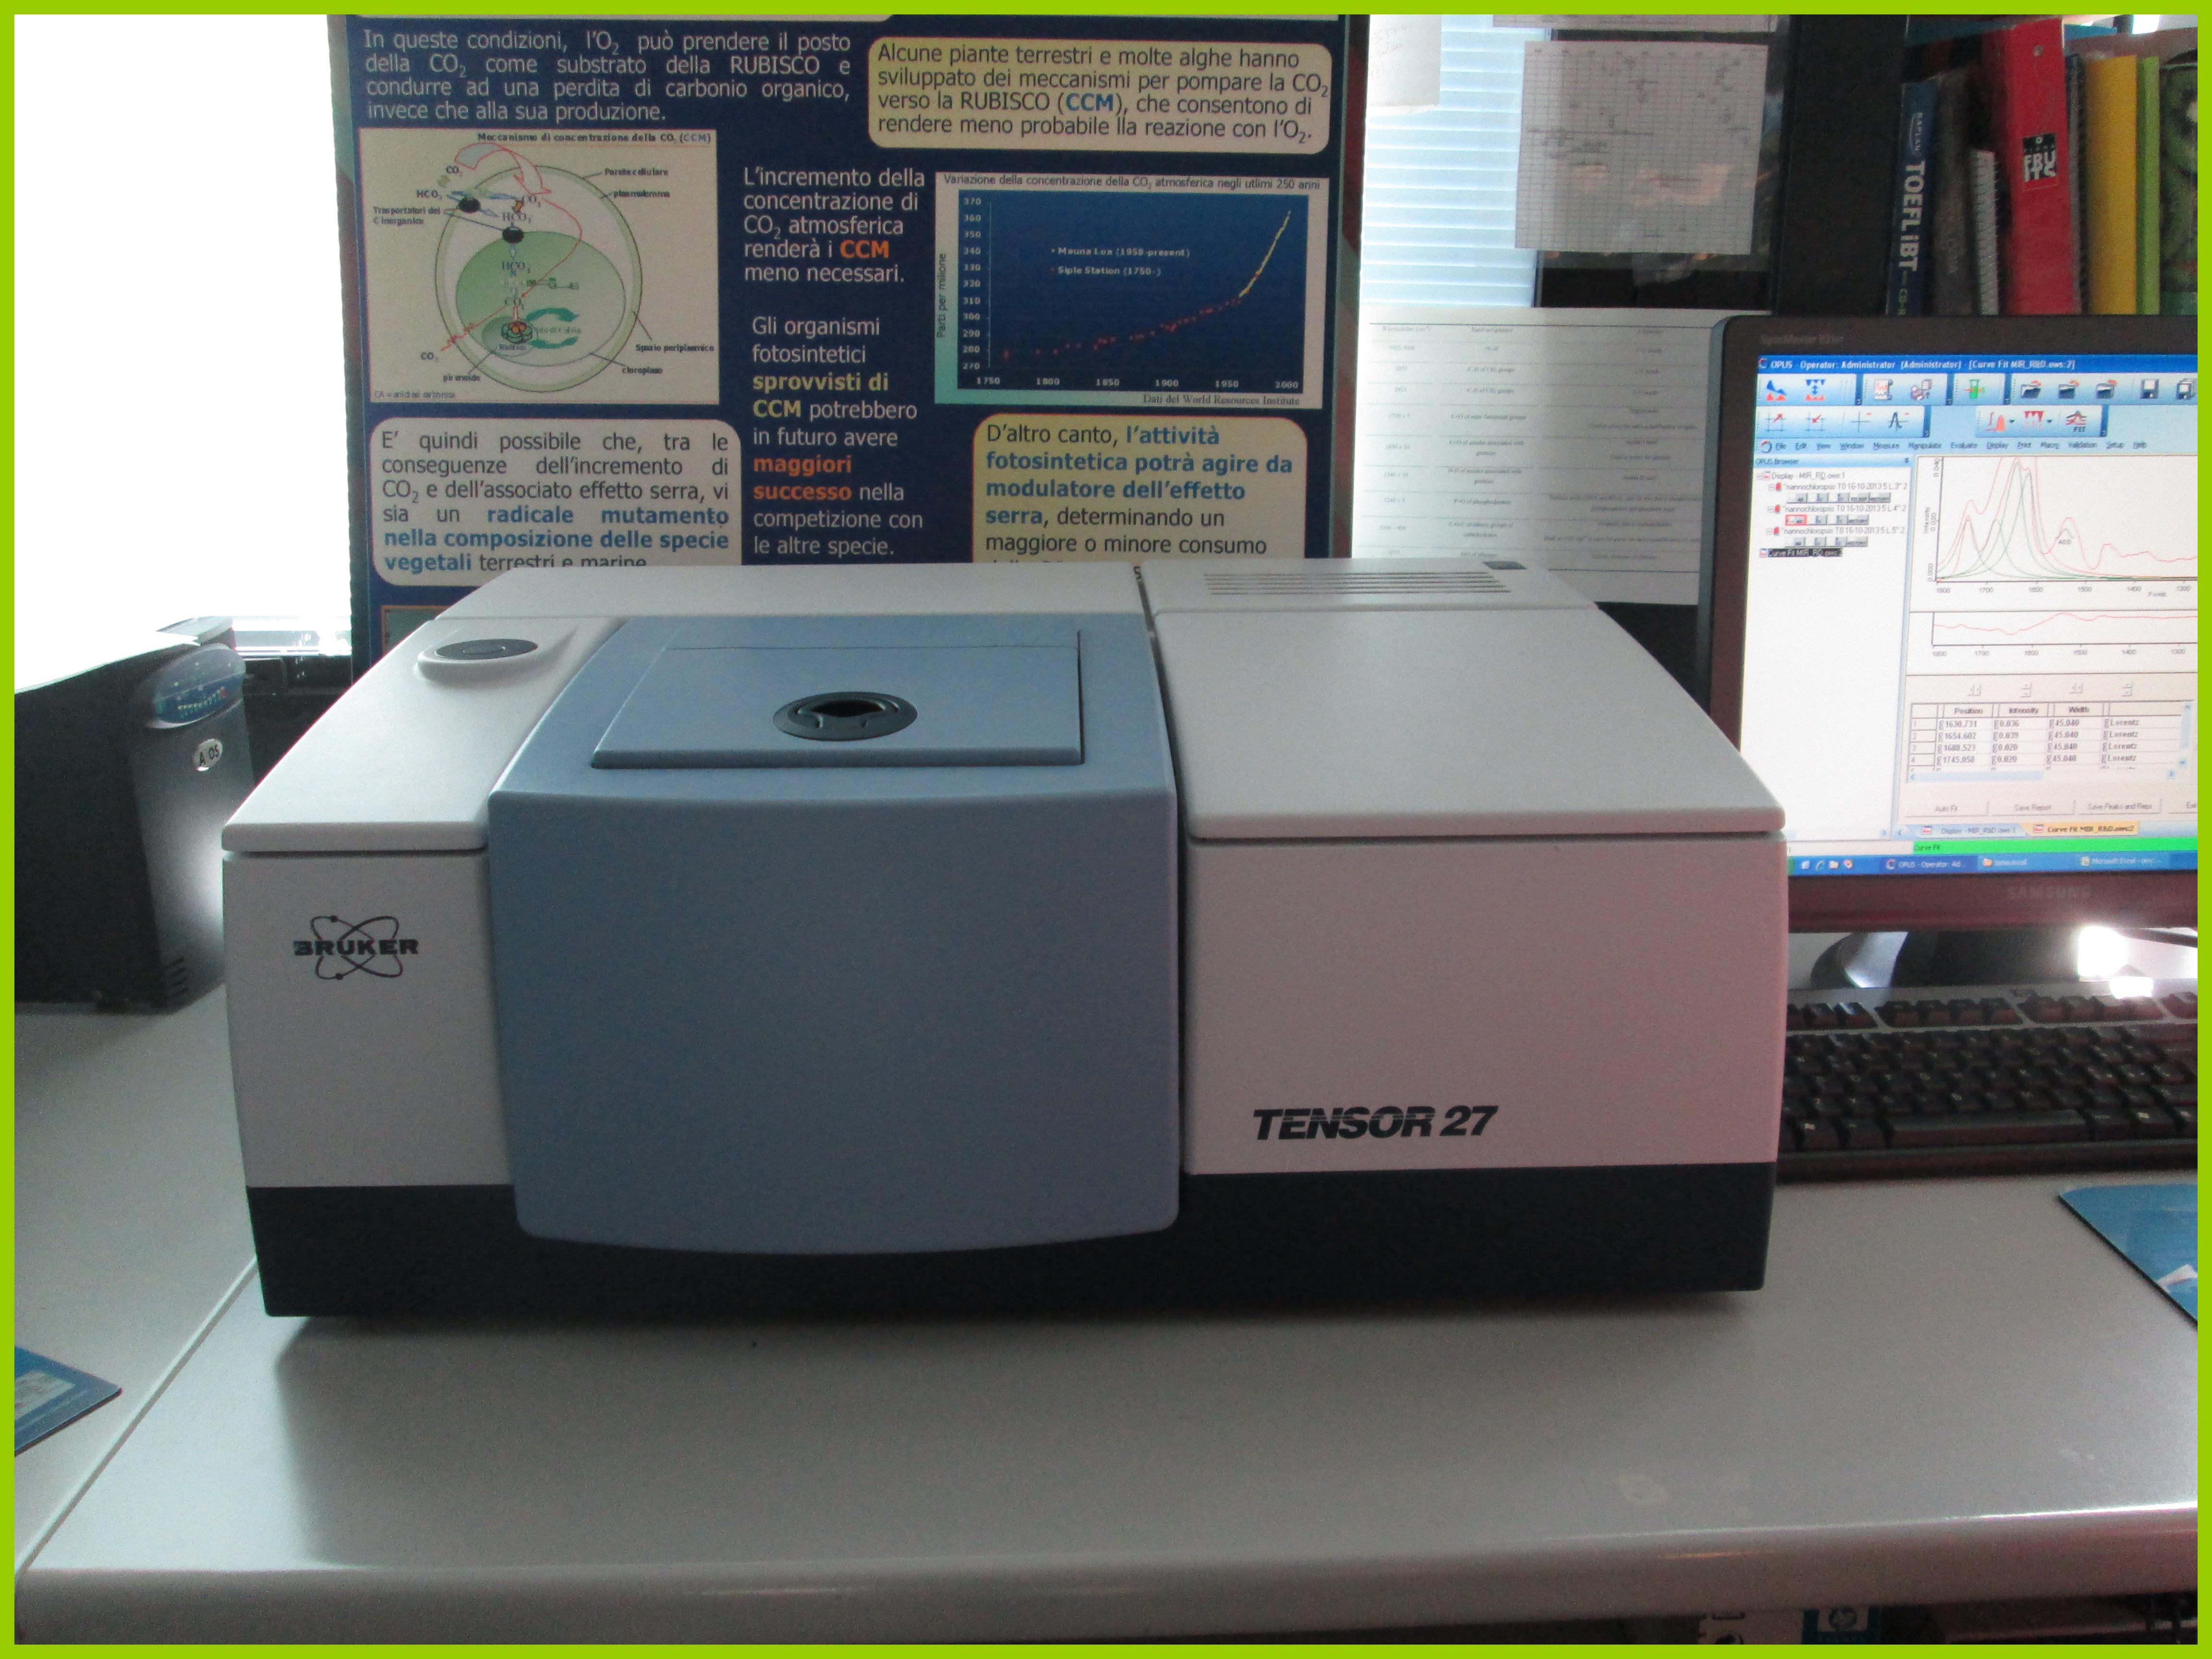 Spettrometro FTIR Tensor 27 (Bruker Optik GmbH)